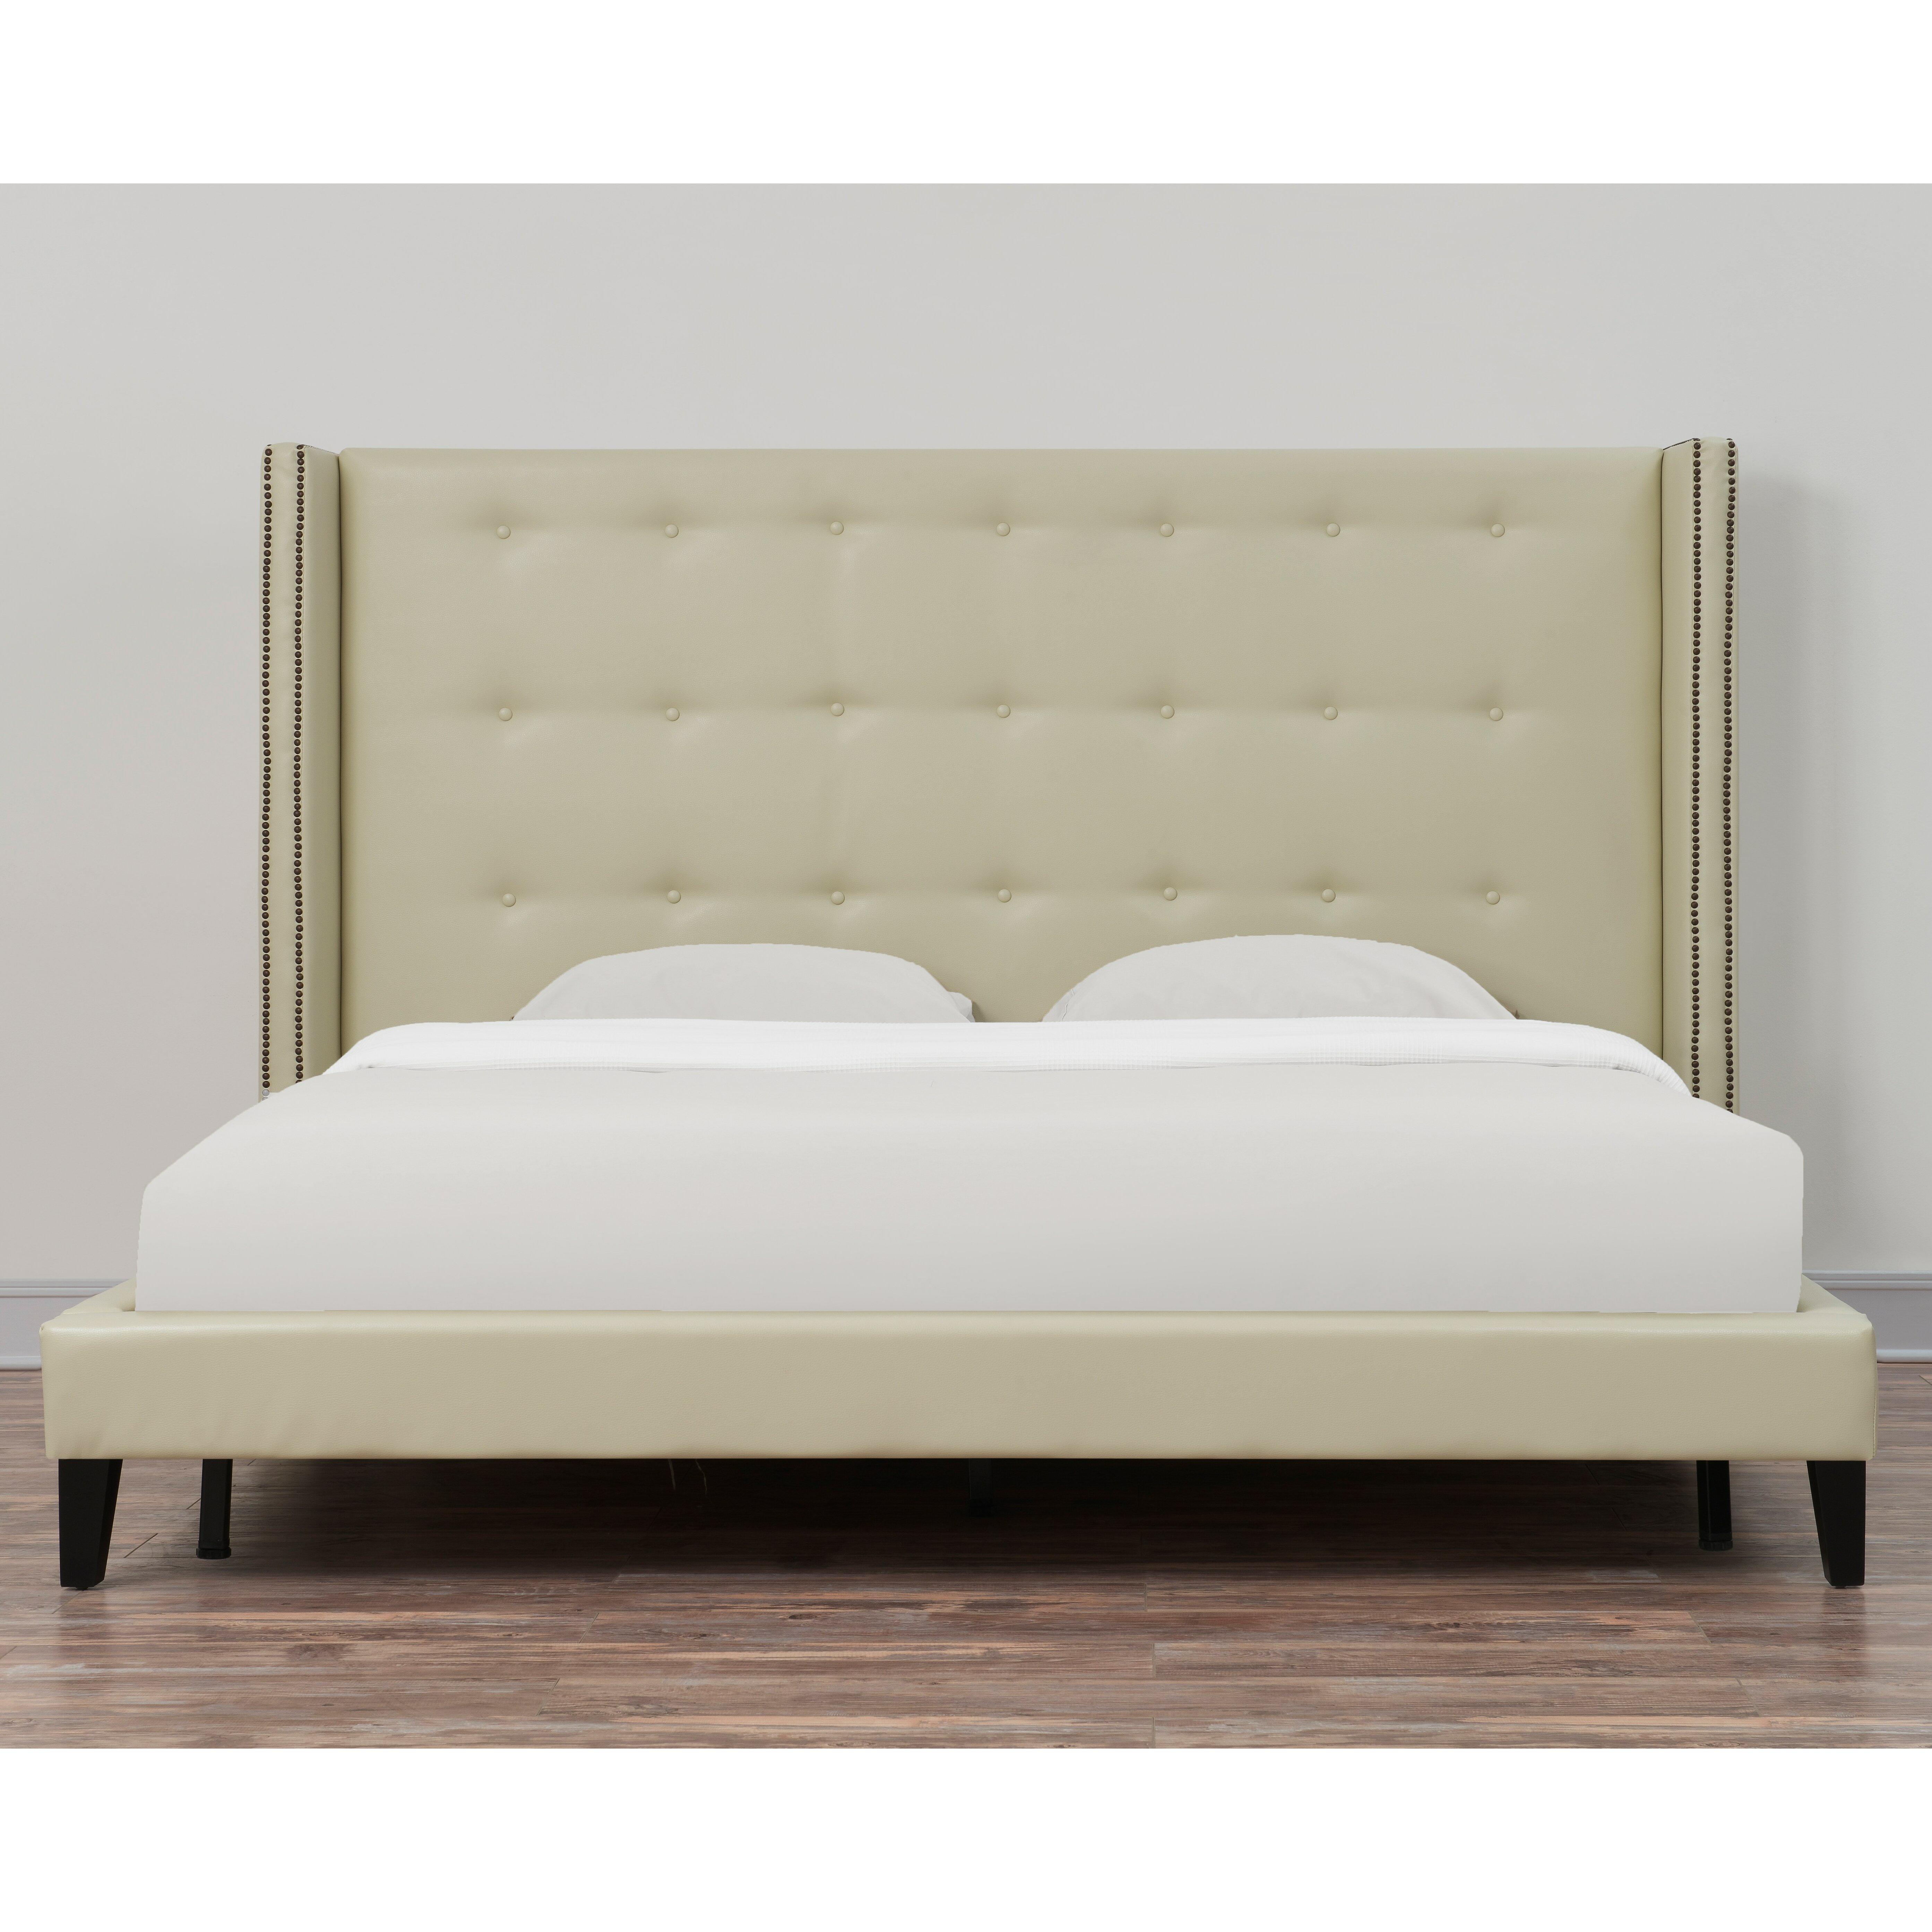 Tov Upholstered Platform Bed Reviews Wayfair